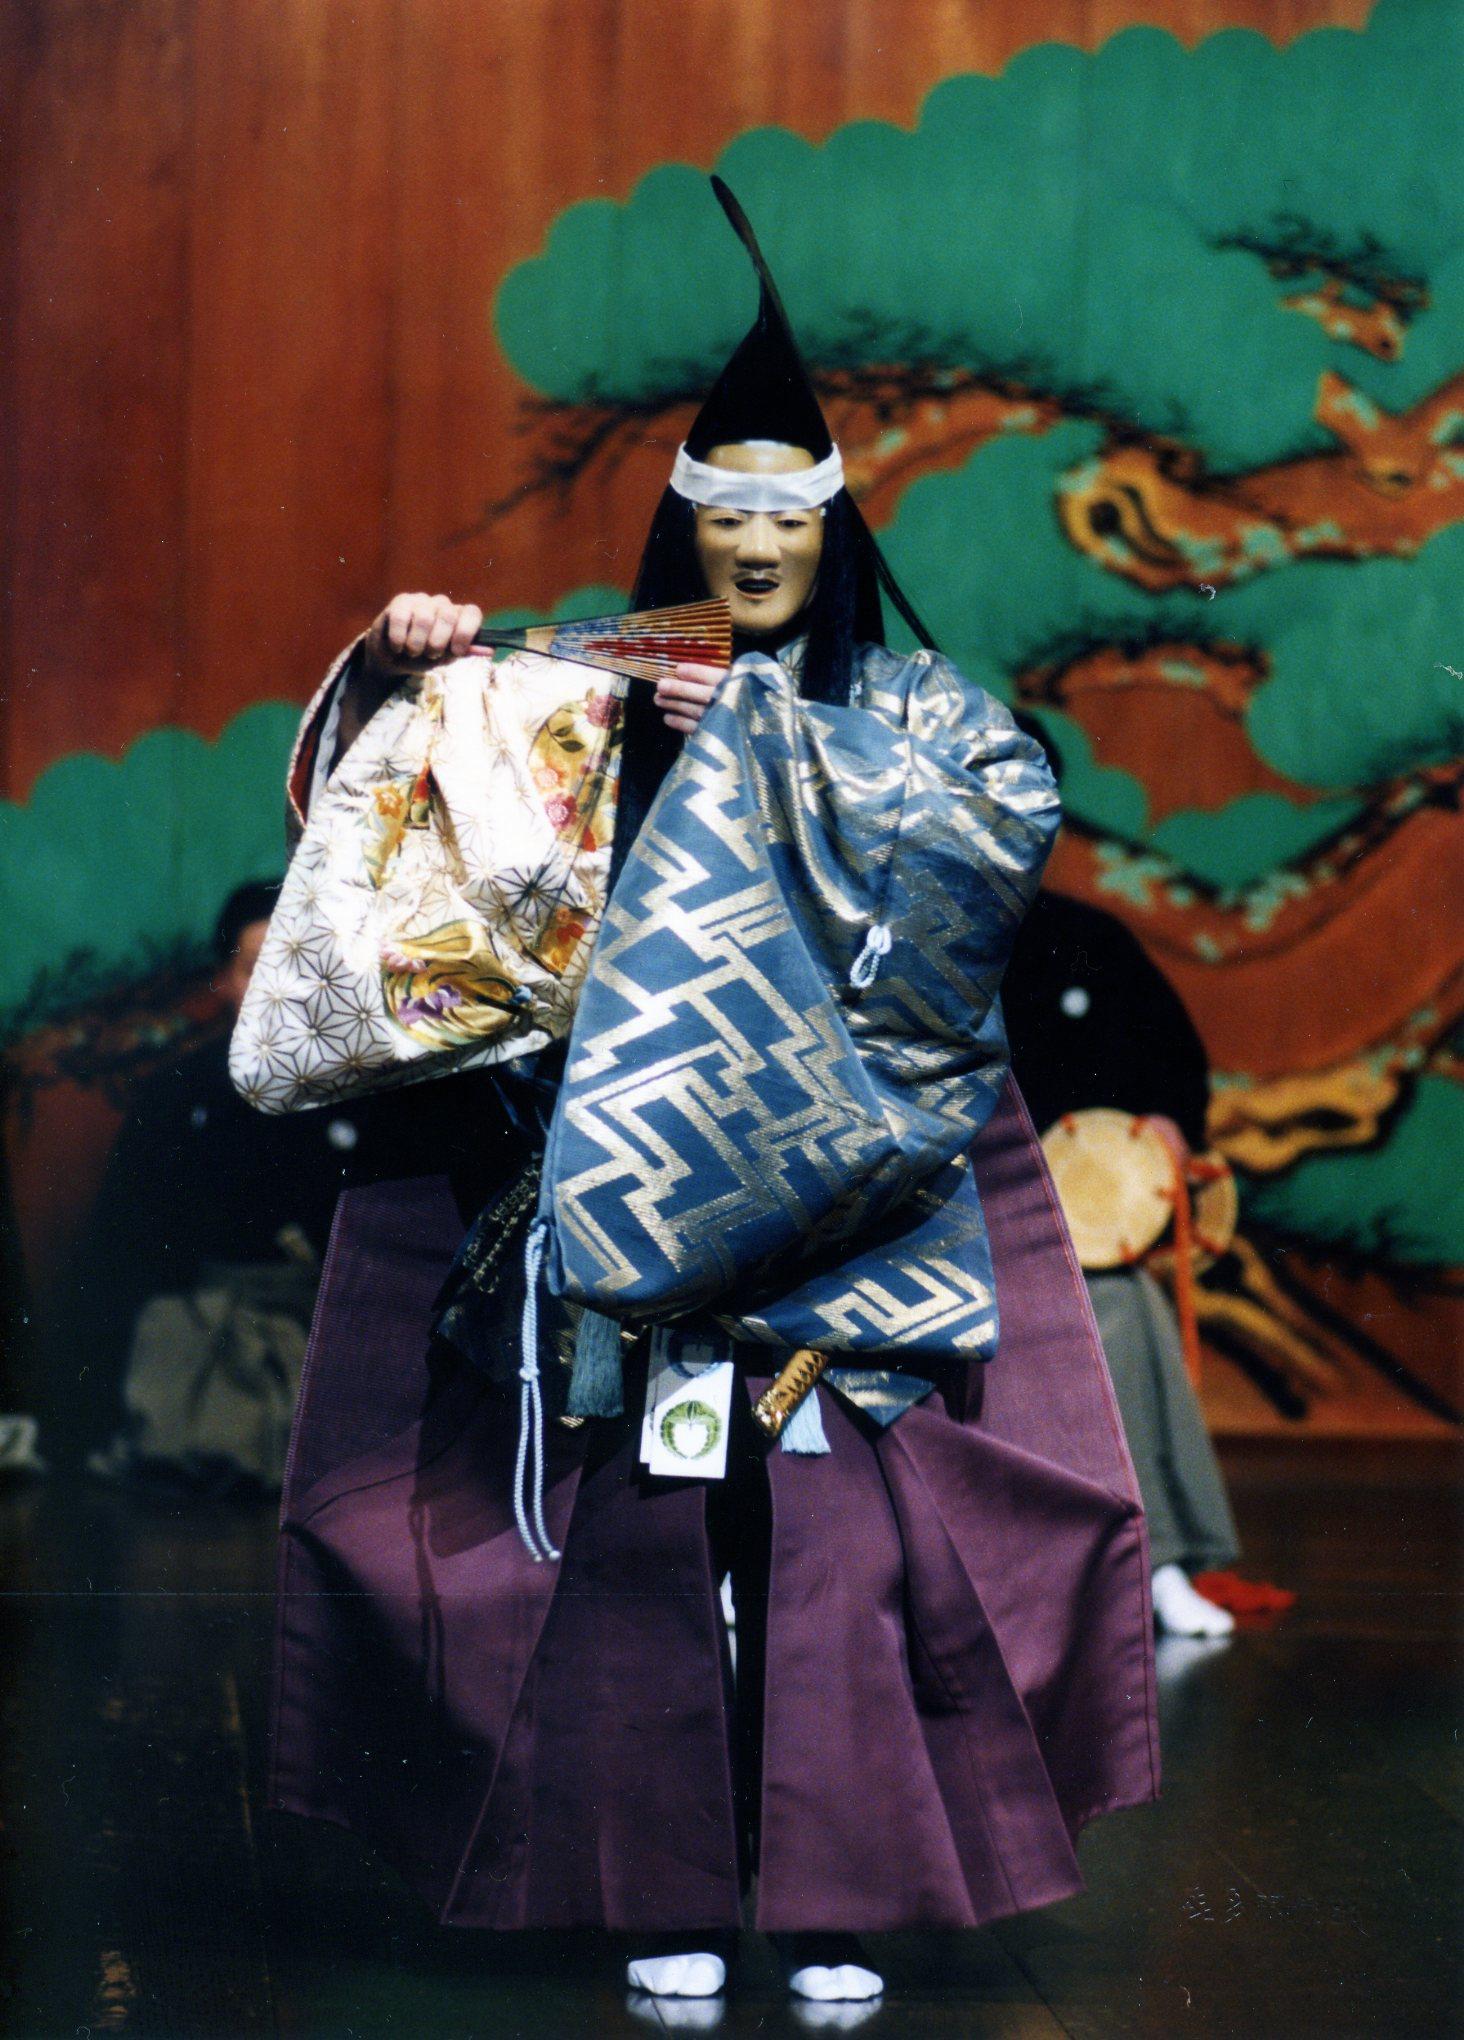 Richard Emmert - Performing Kiyotsune in 2002 on the Kita Noh Stage, Tokyo